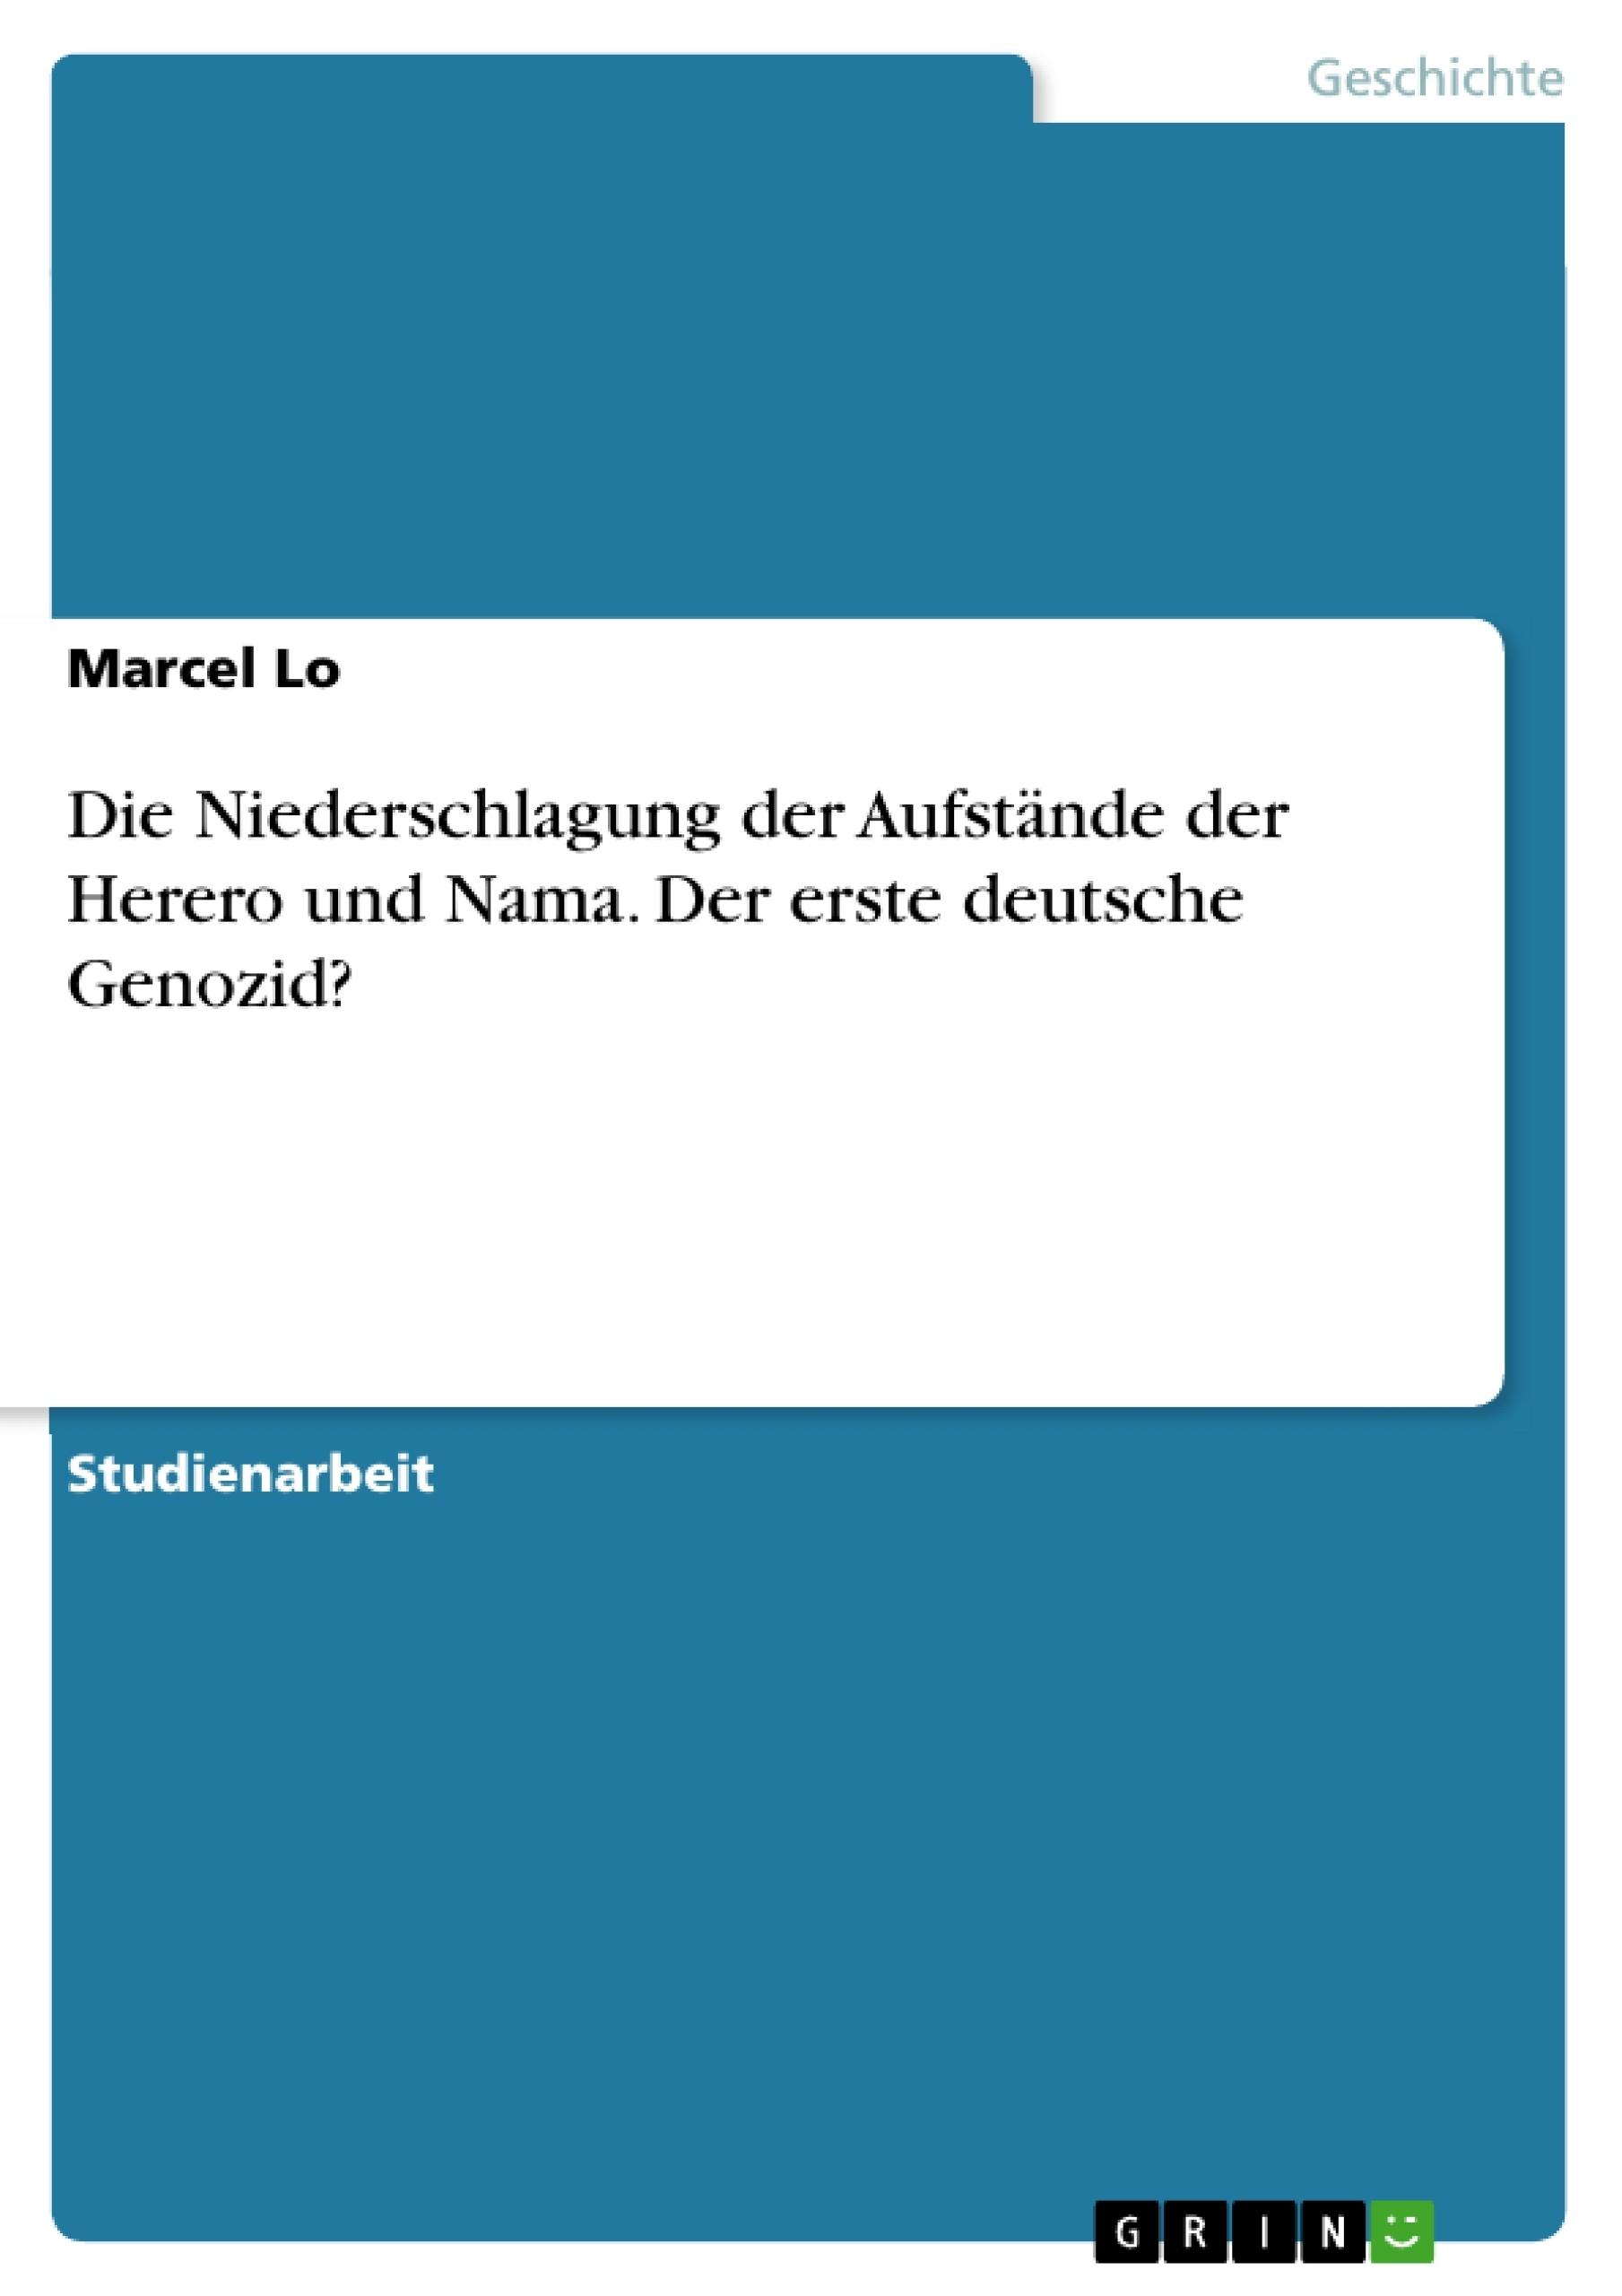 Titel: Die Niederschlagung der Aufstände der Herero und Nama. Der erste deutsche Genozid?